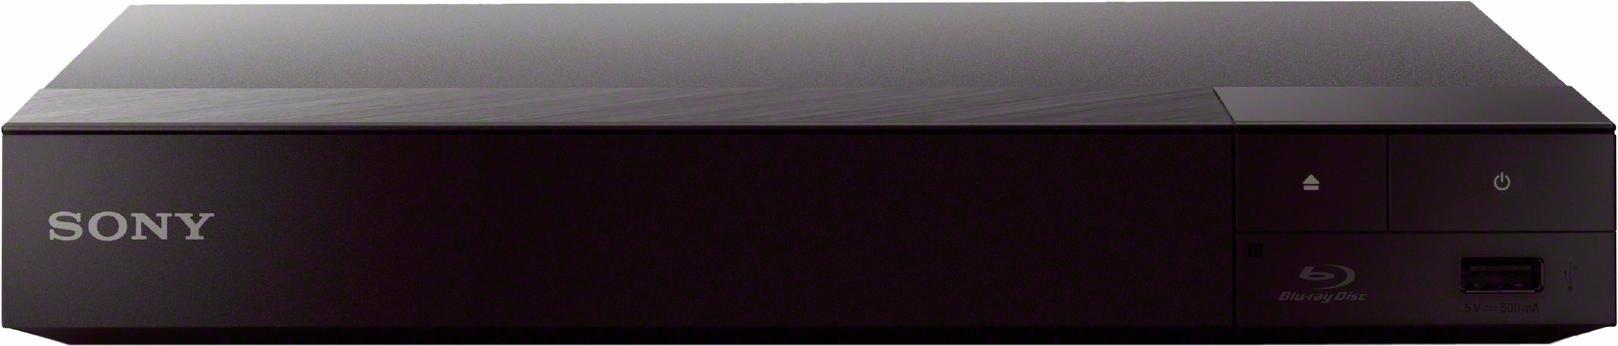 Op zoek naar een SONY BDP-S6700B 3D-blu-ray-speler, Hi-Res? Koop online bij OTTO